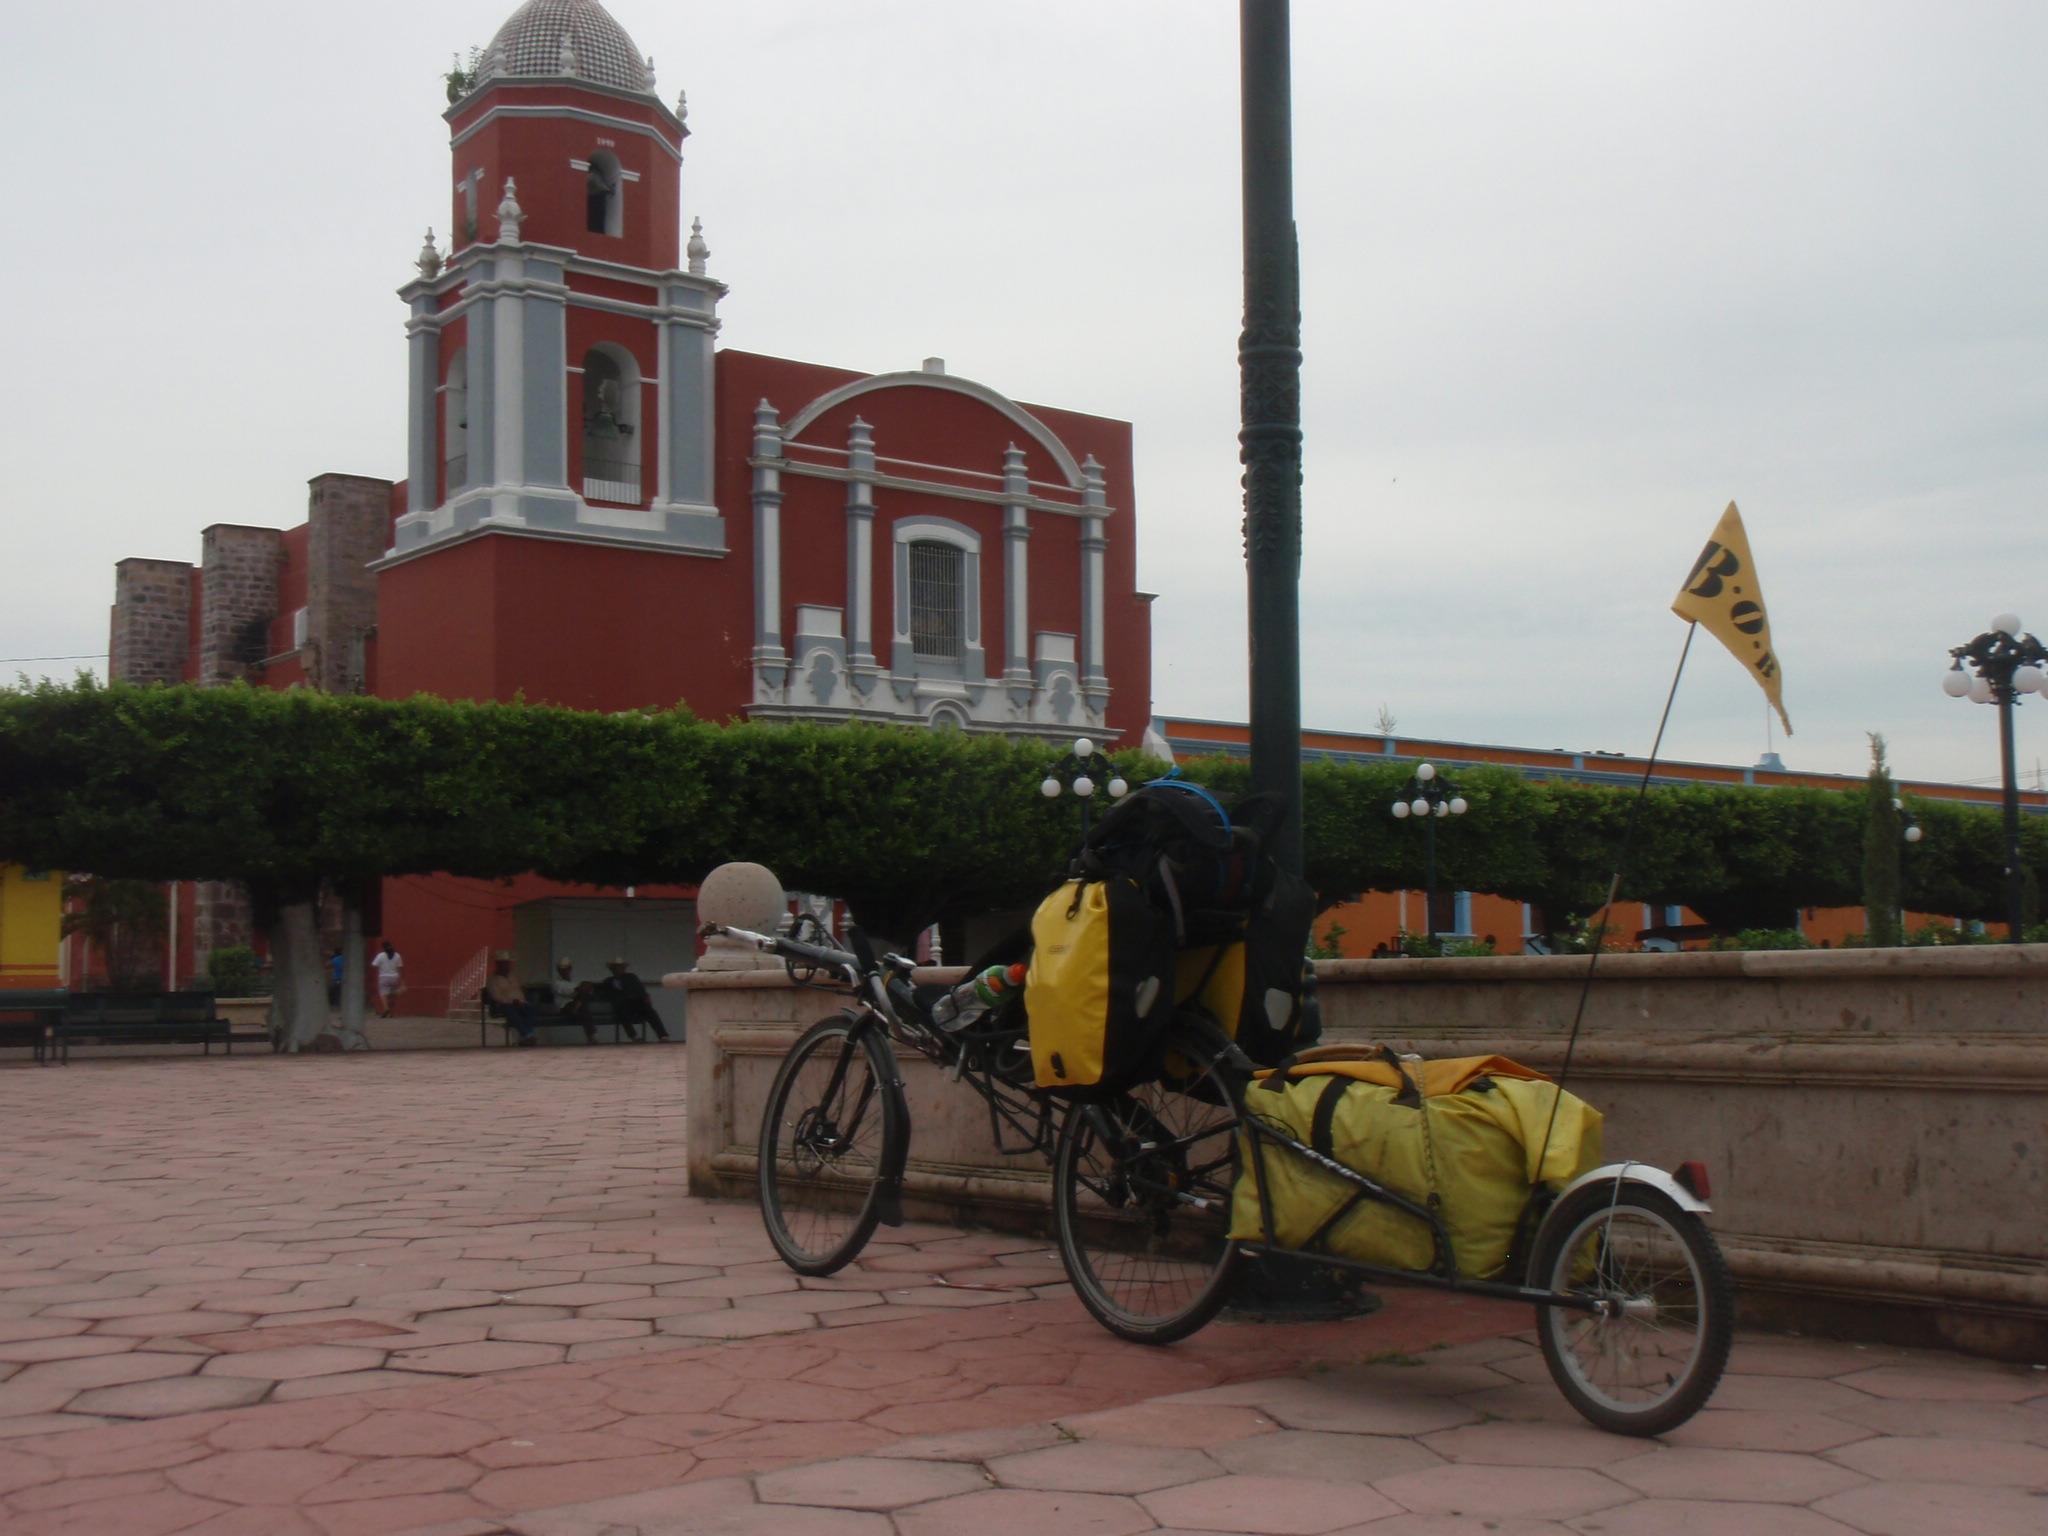 Centro historico in Acaponeta en route to Tepic